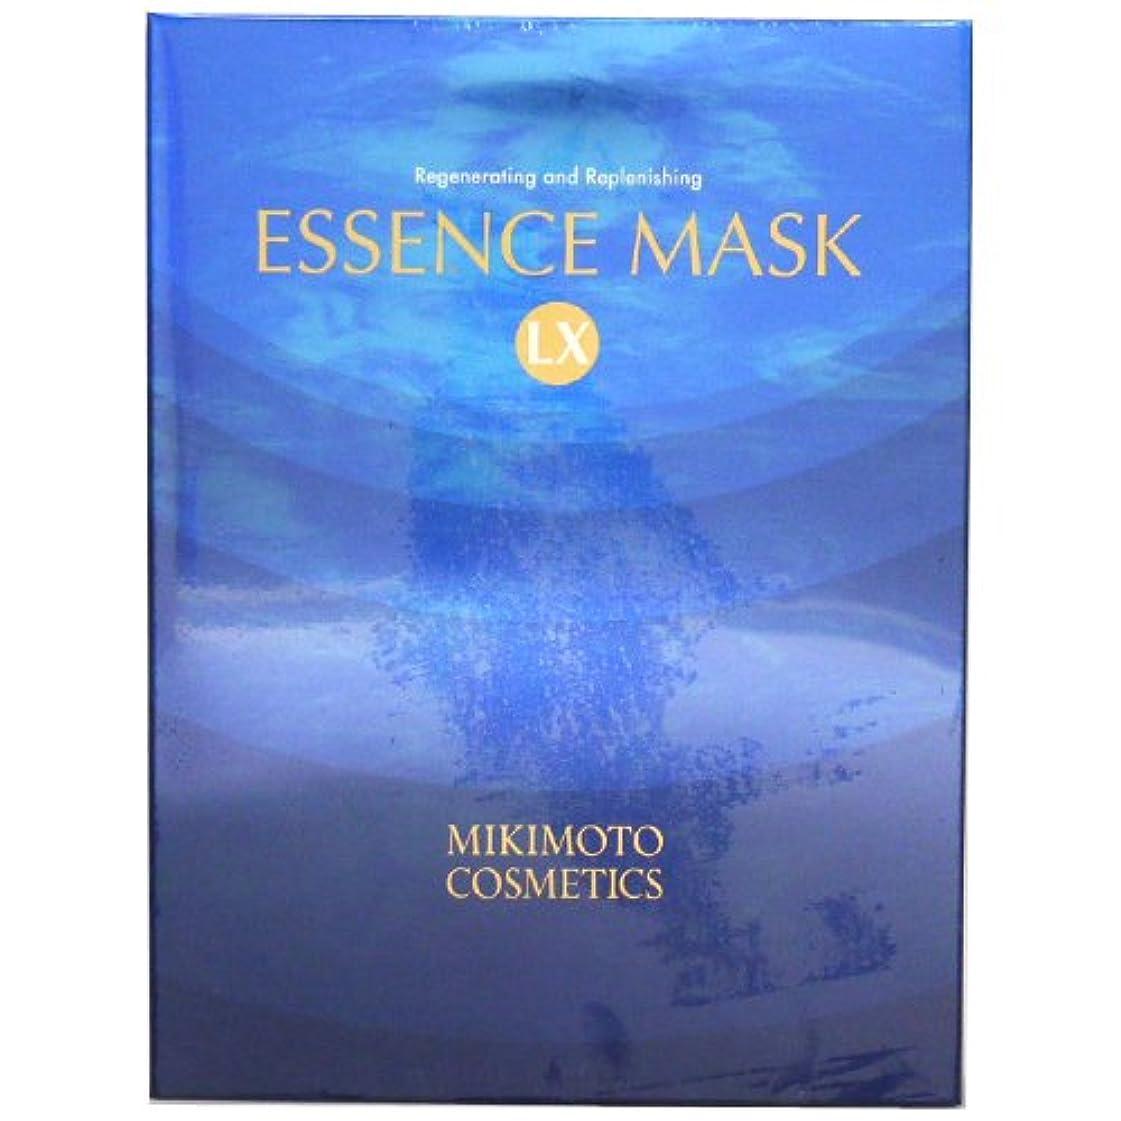 真鍮オリエントメールを書くミキモト化粧品 MIKIMOTO コスメティックス エッセンスマスクLX (シート状美容マスク) 【6枚入】